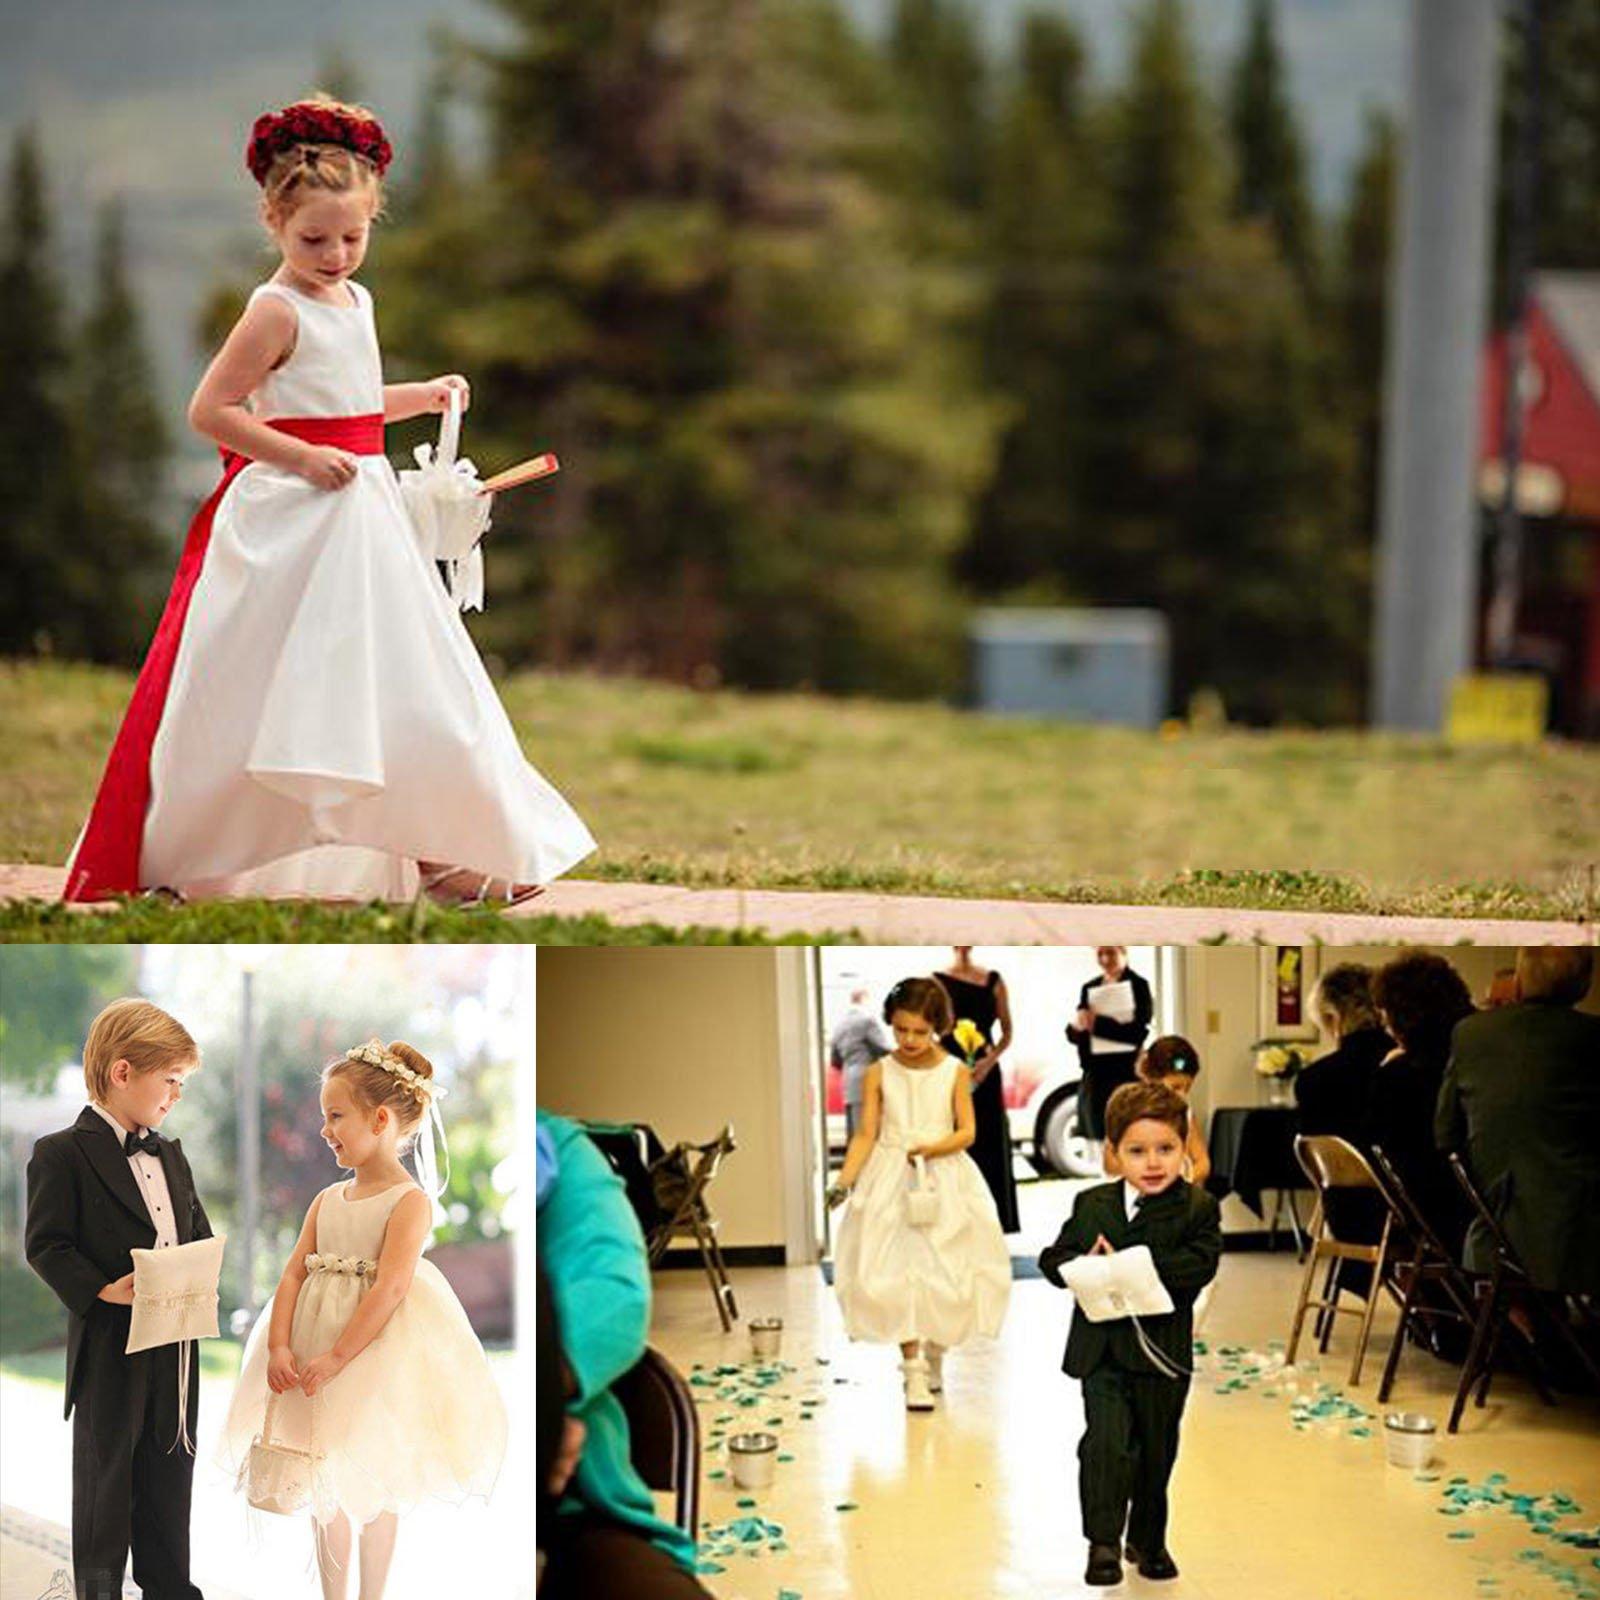 ARKSU 4pcs Wedding Sets Flower Girl Basket + Ring Bearer Pillow + Guest Book Pen + Pen Set Holder Rustic Bridal Wedding Shower Ceremony-Aqua Blue by ARKSU (Image #7)